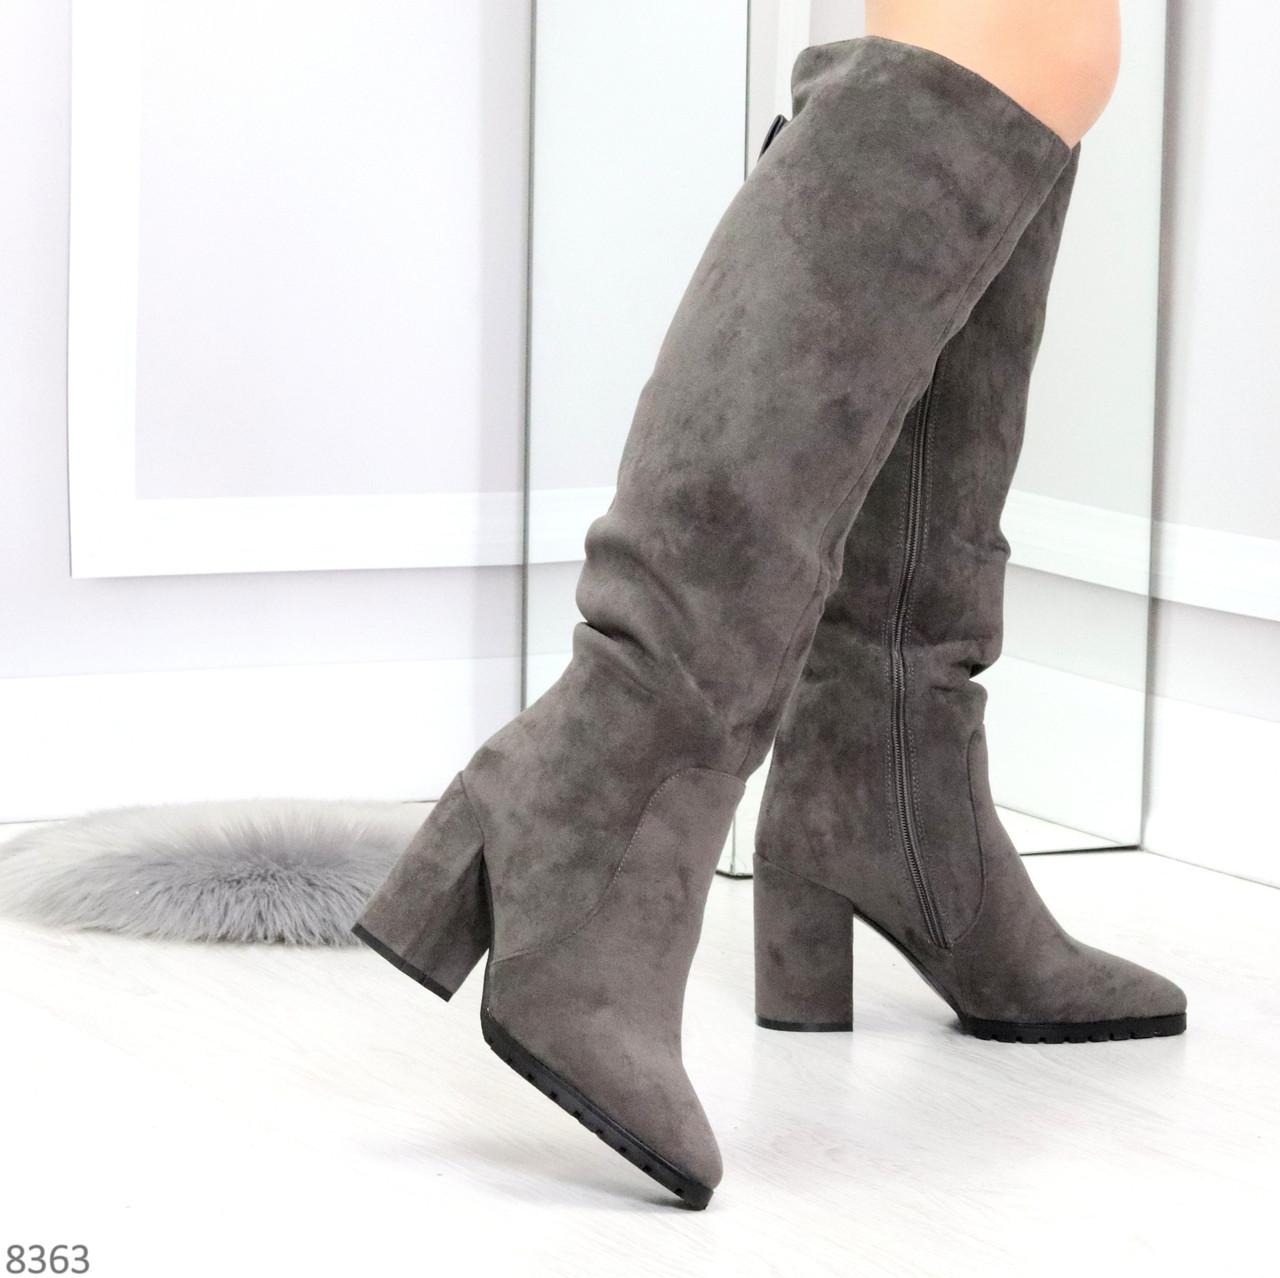 Элегантные серые замшевые высокие женские сапоги на удобном каблуке